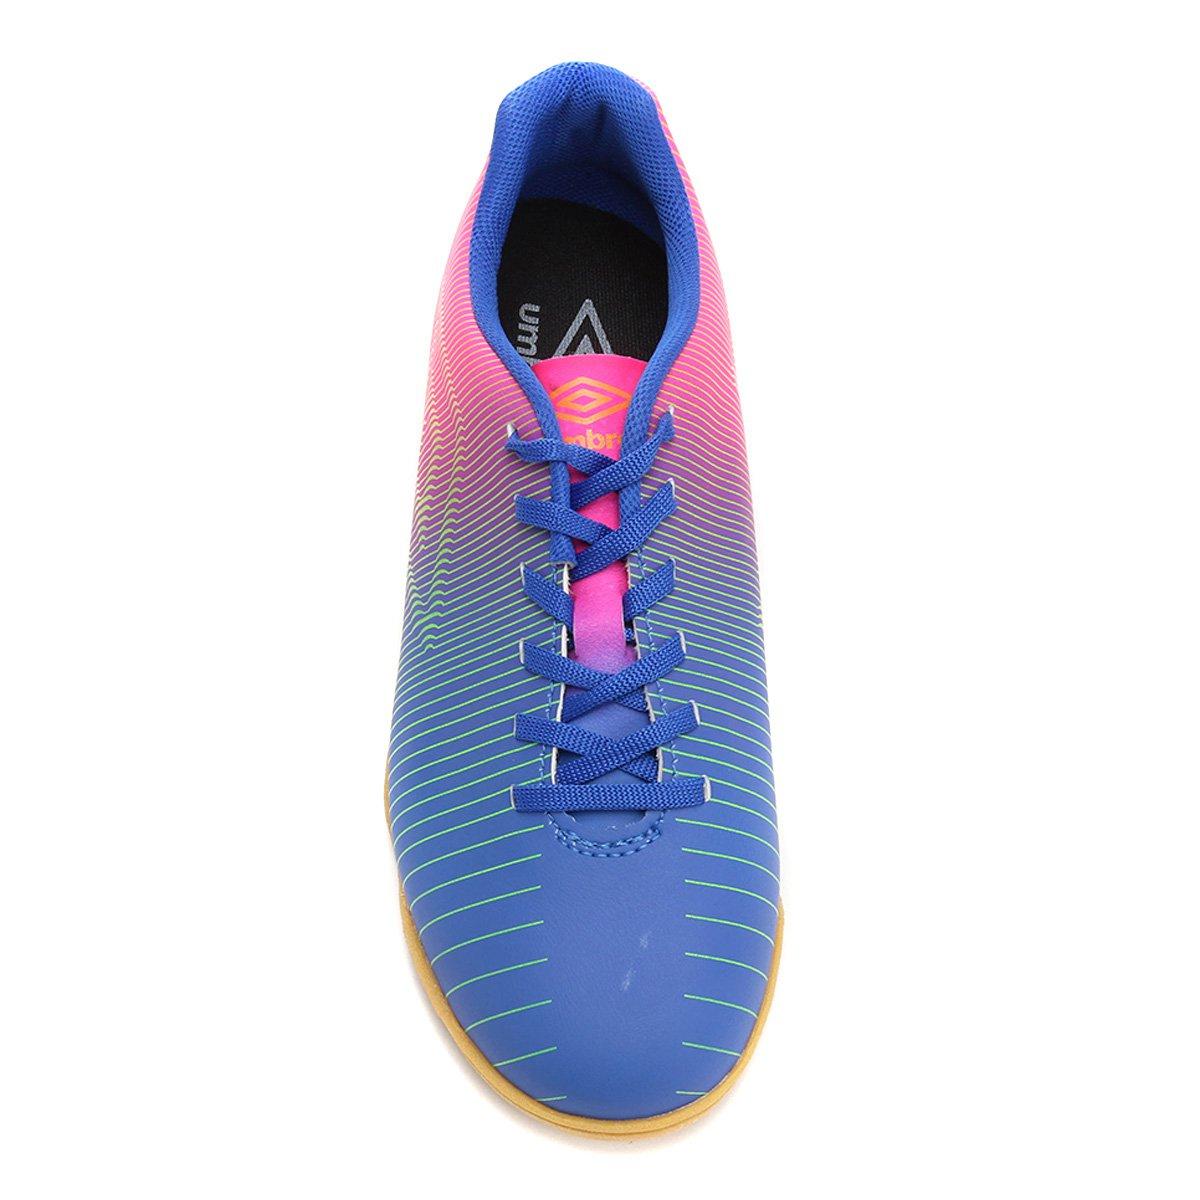 Chuteira Futsal Umbro Vibe Masculina - Azul e Rosa - Compre Agora ... d6ab267939019